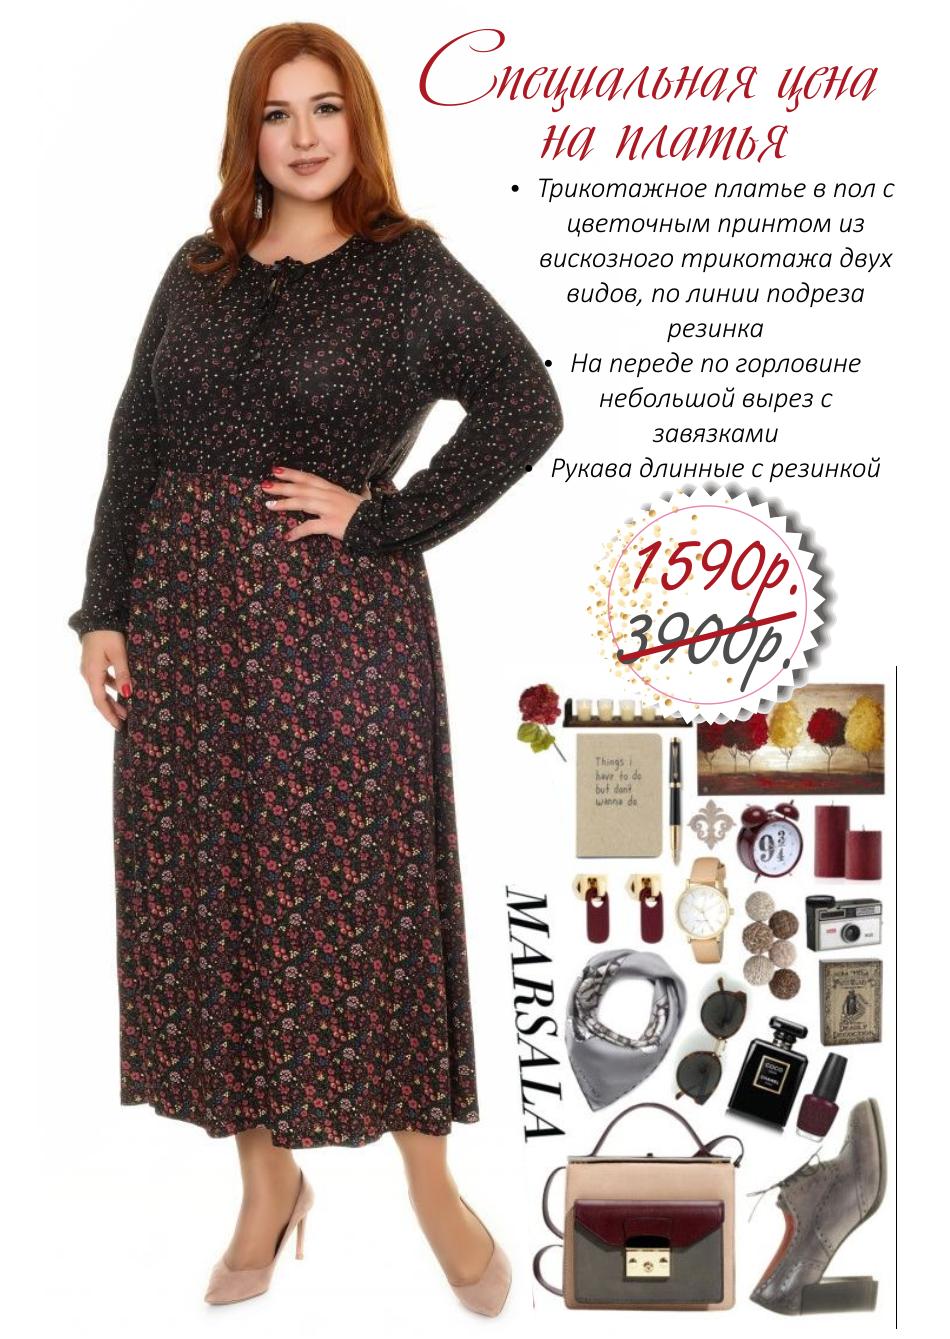 Все самое лучшее в новом году -  специальная цена 1590 рублей на платья